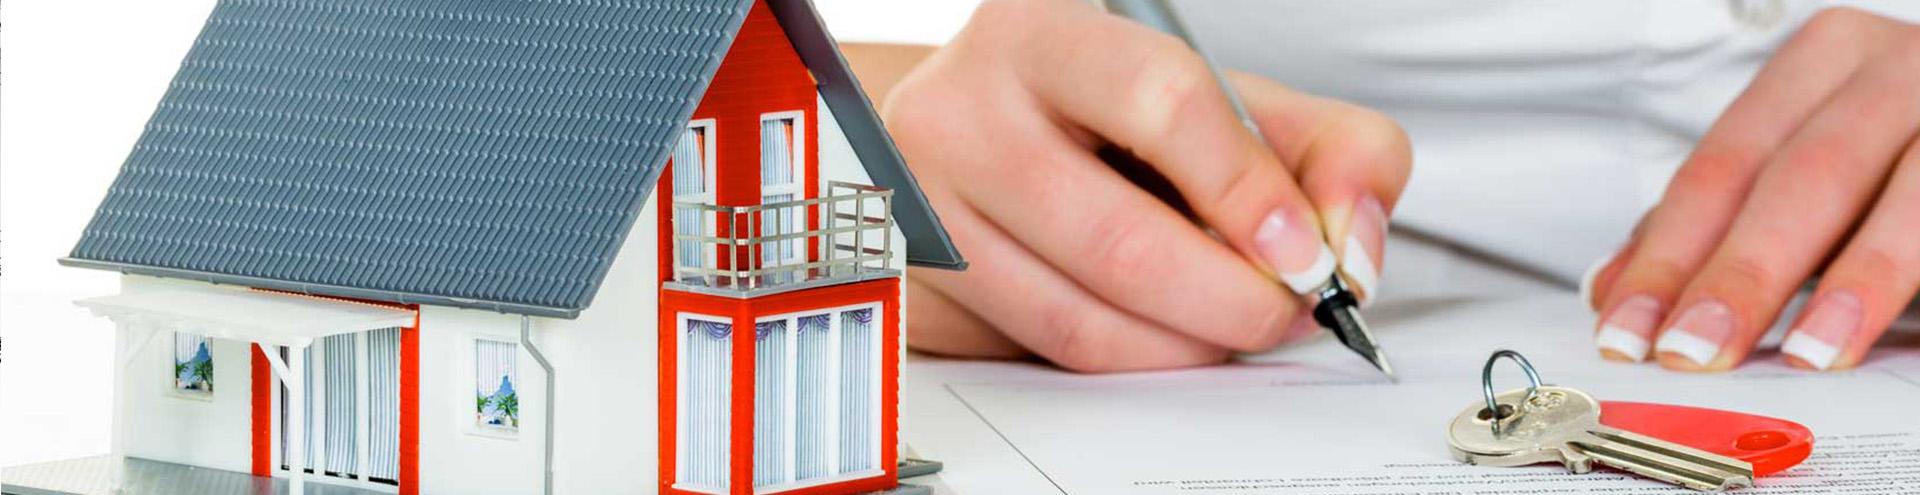 сделки с недвижимостью в Пензе и Пензенской области